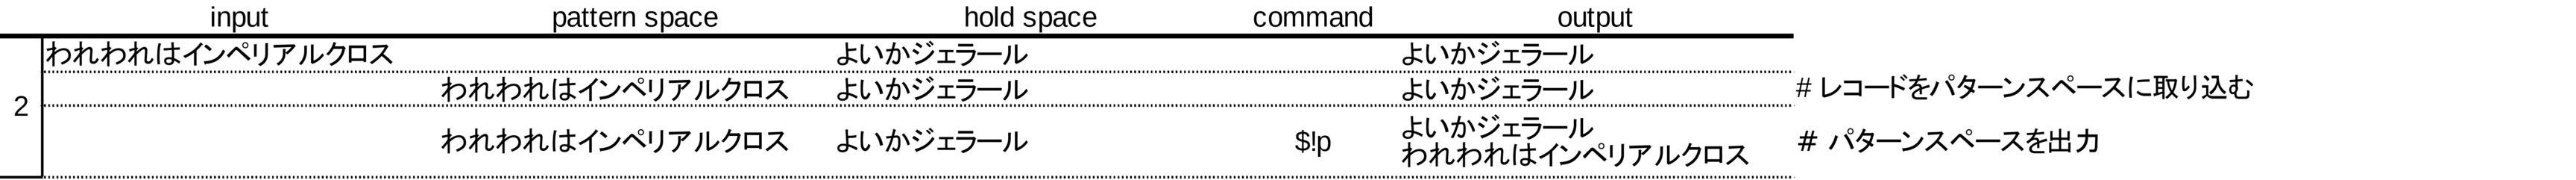 fig3-2-2.jpg